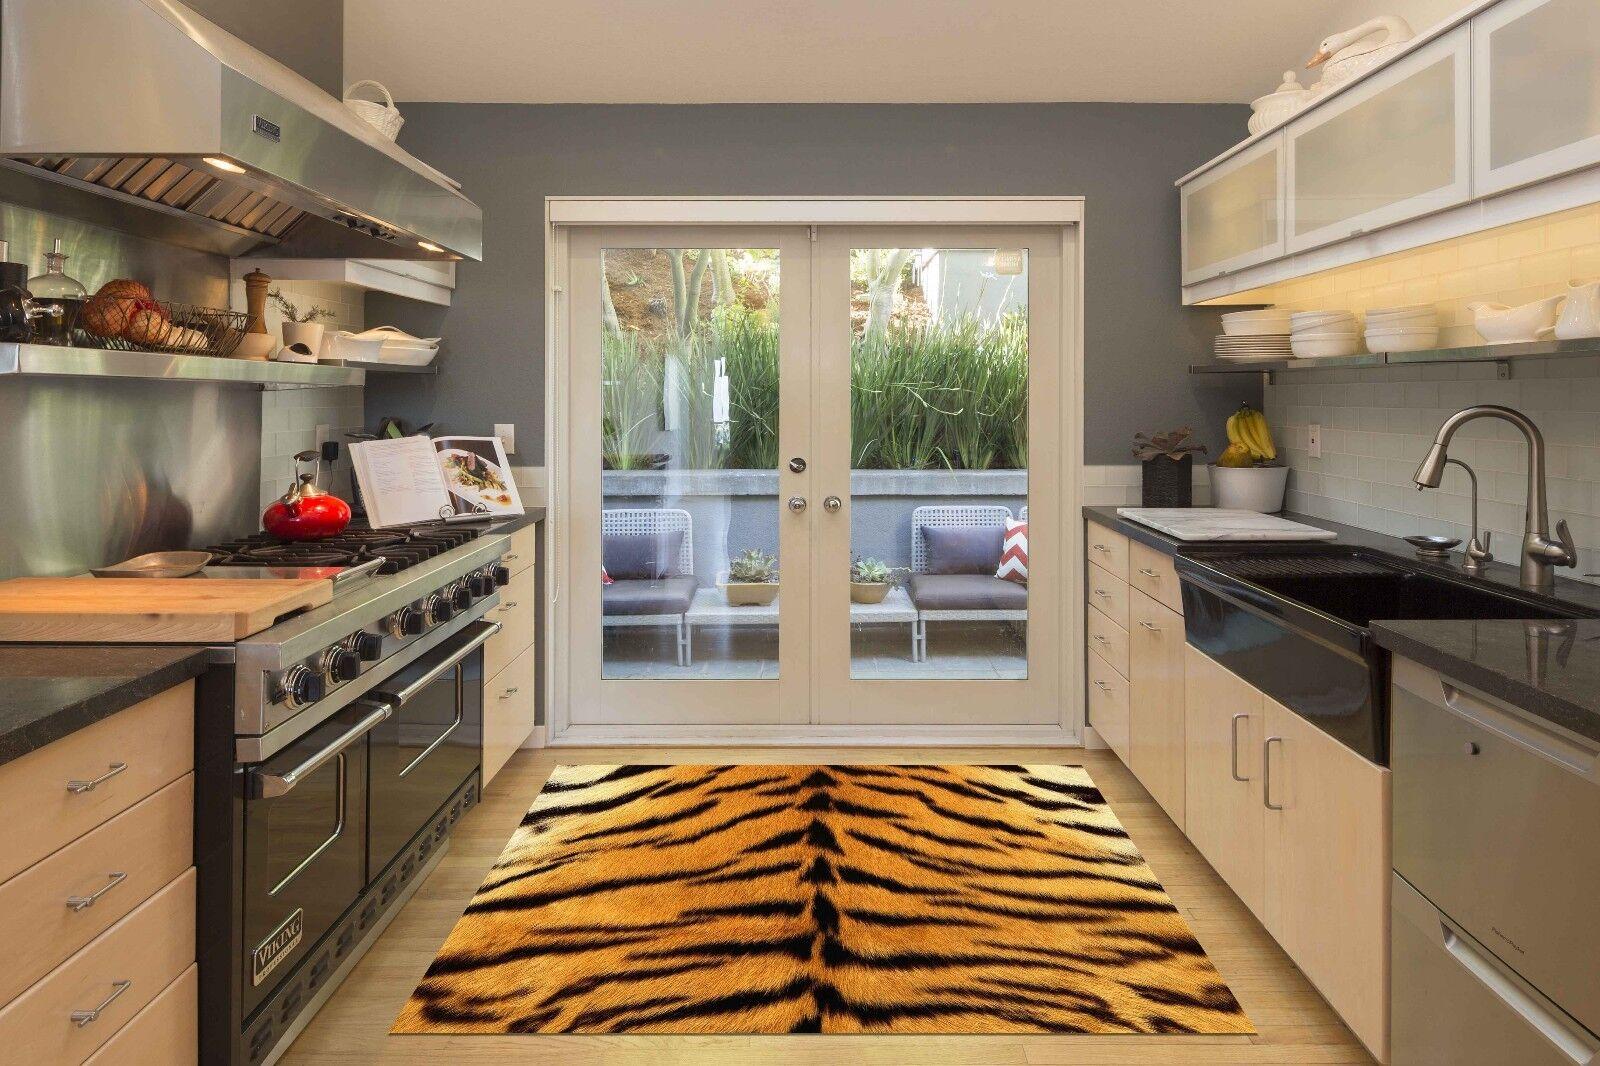 3D Tiger Skin 845 Kitchen Mat Floor Murals Wall Print Wall AJ WALLPAPER AU Carly